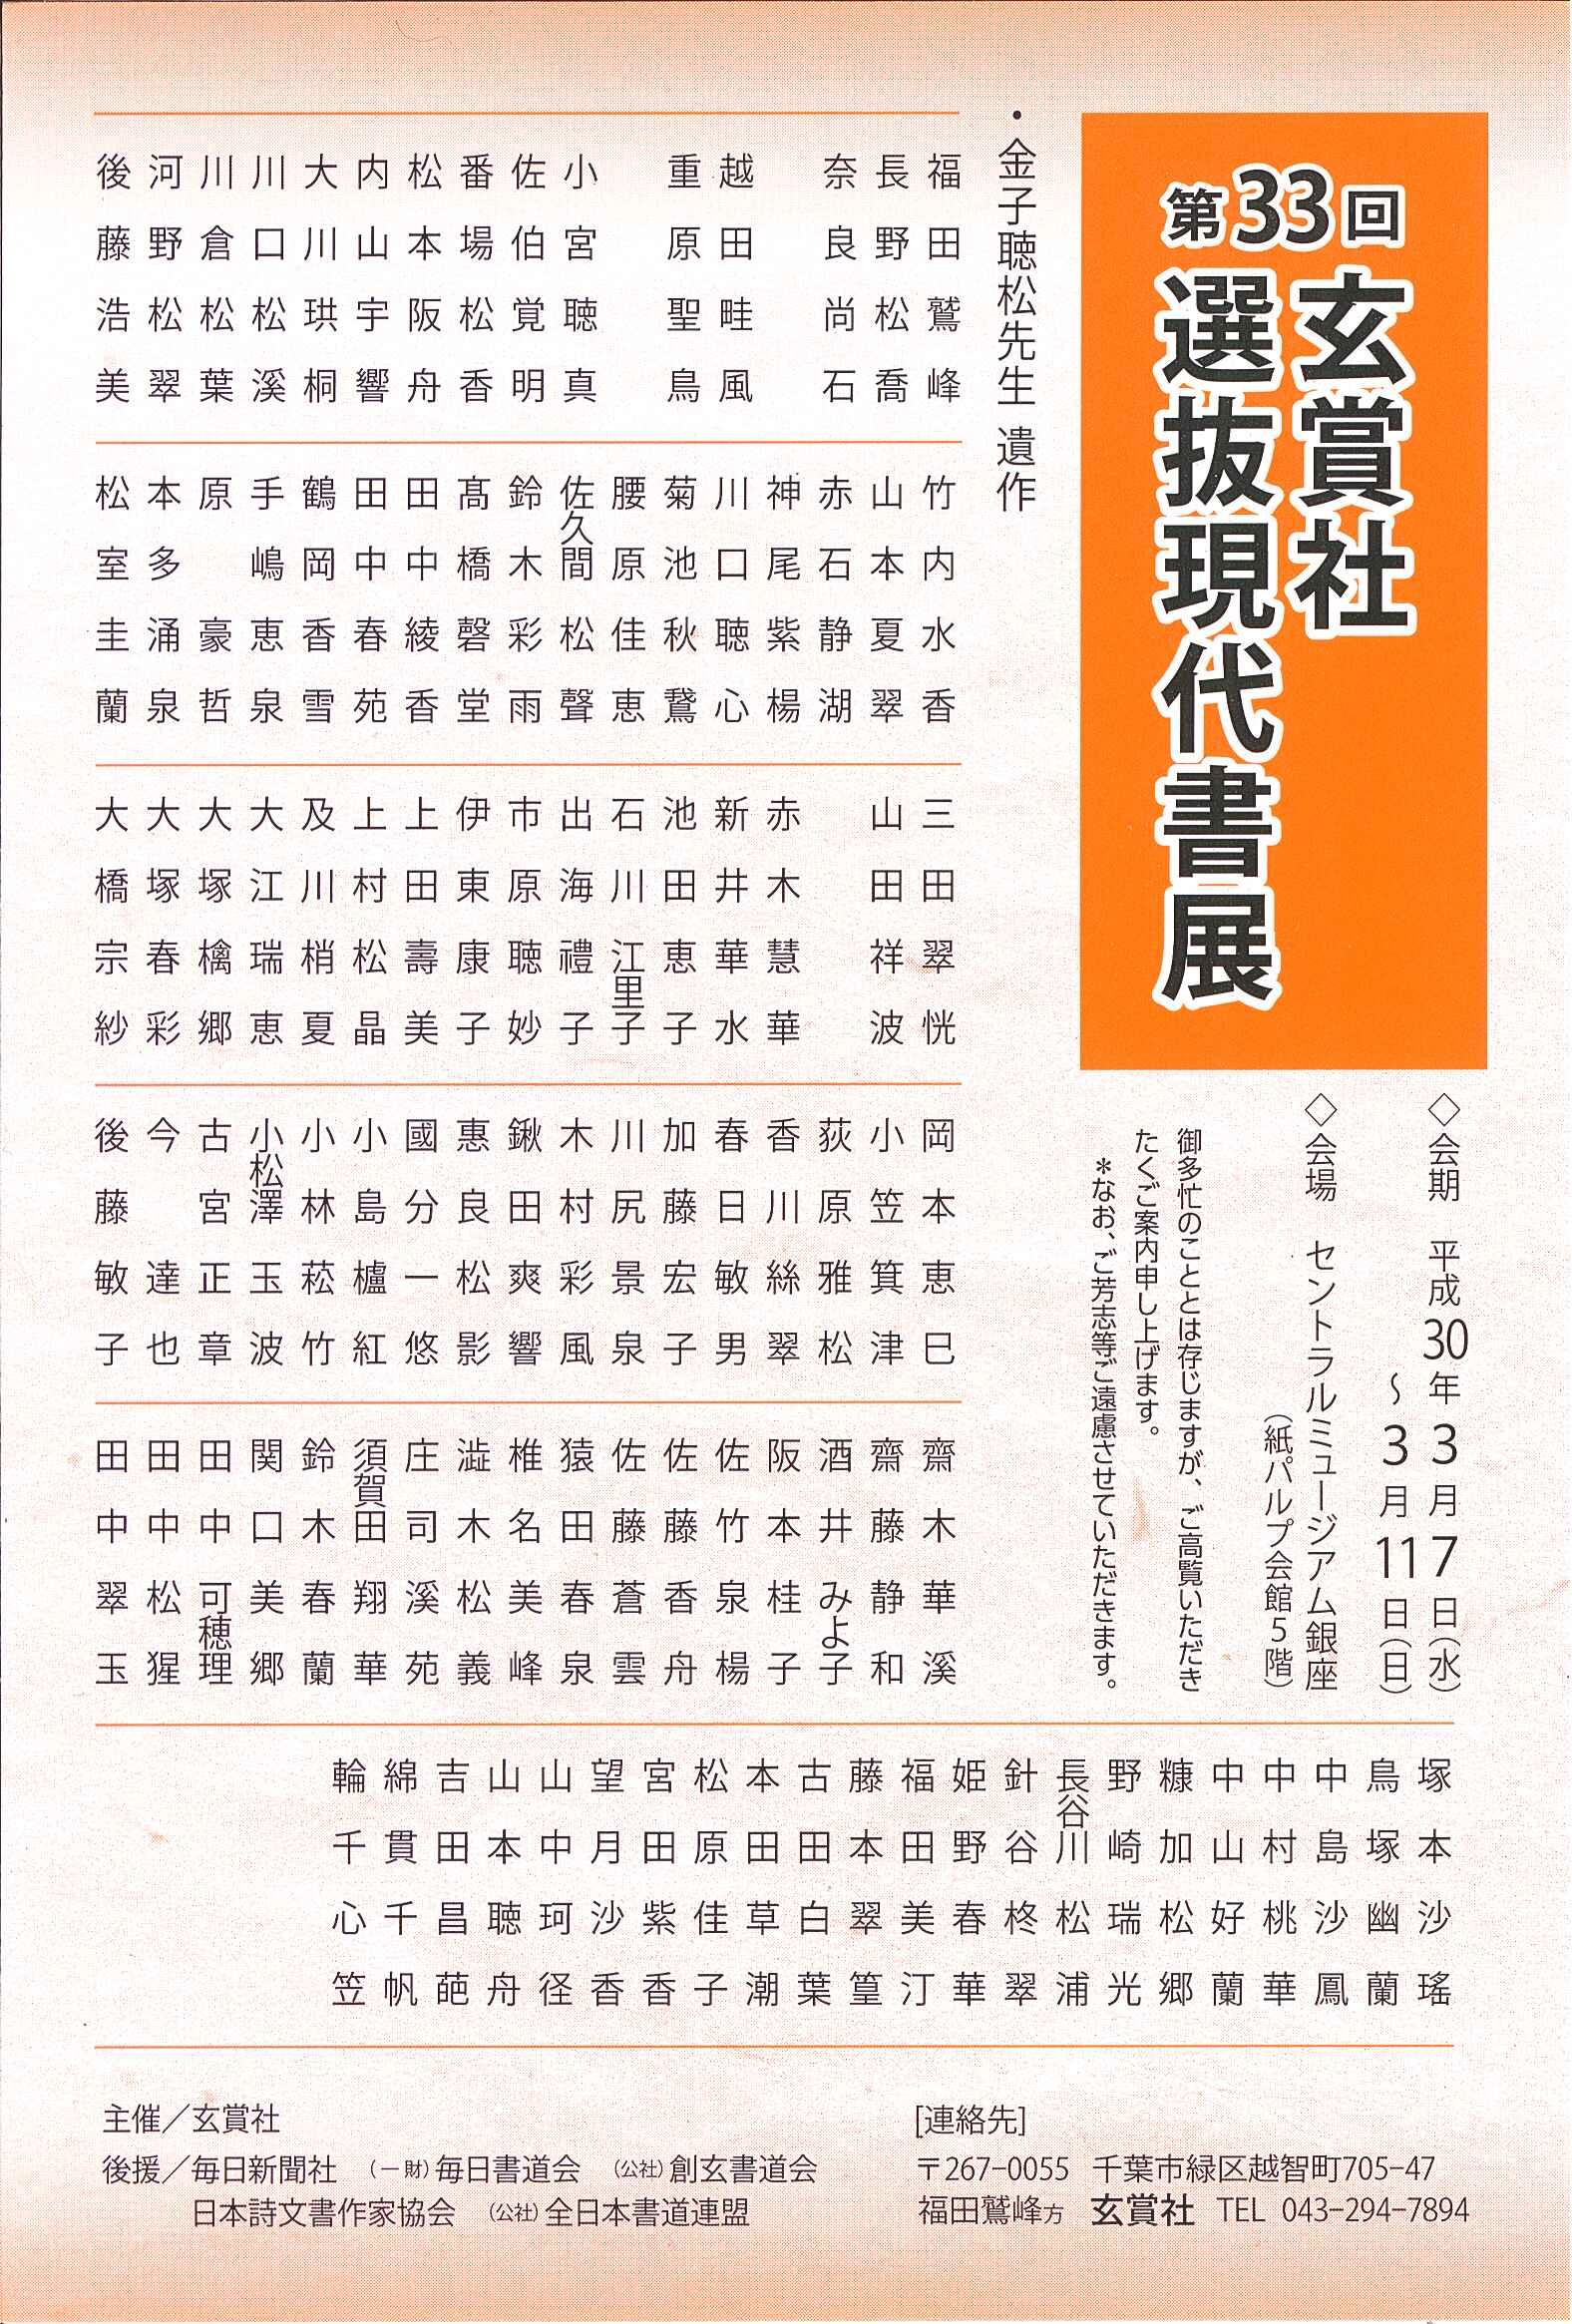 http://www.sogen.or.jp/letter/2018/03/04/20180304174221167_0001.jpg